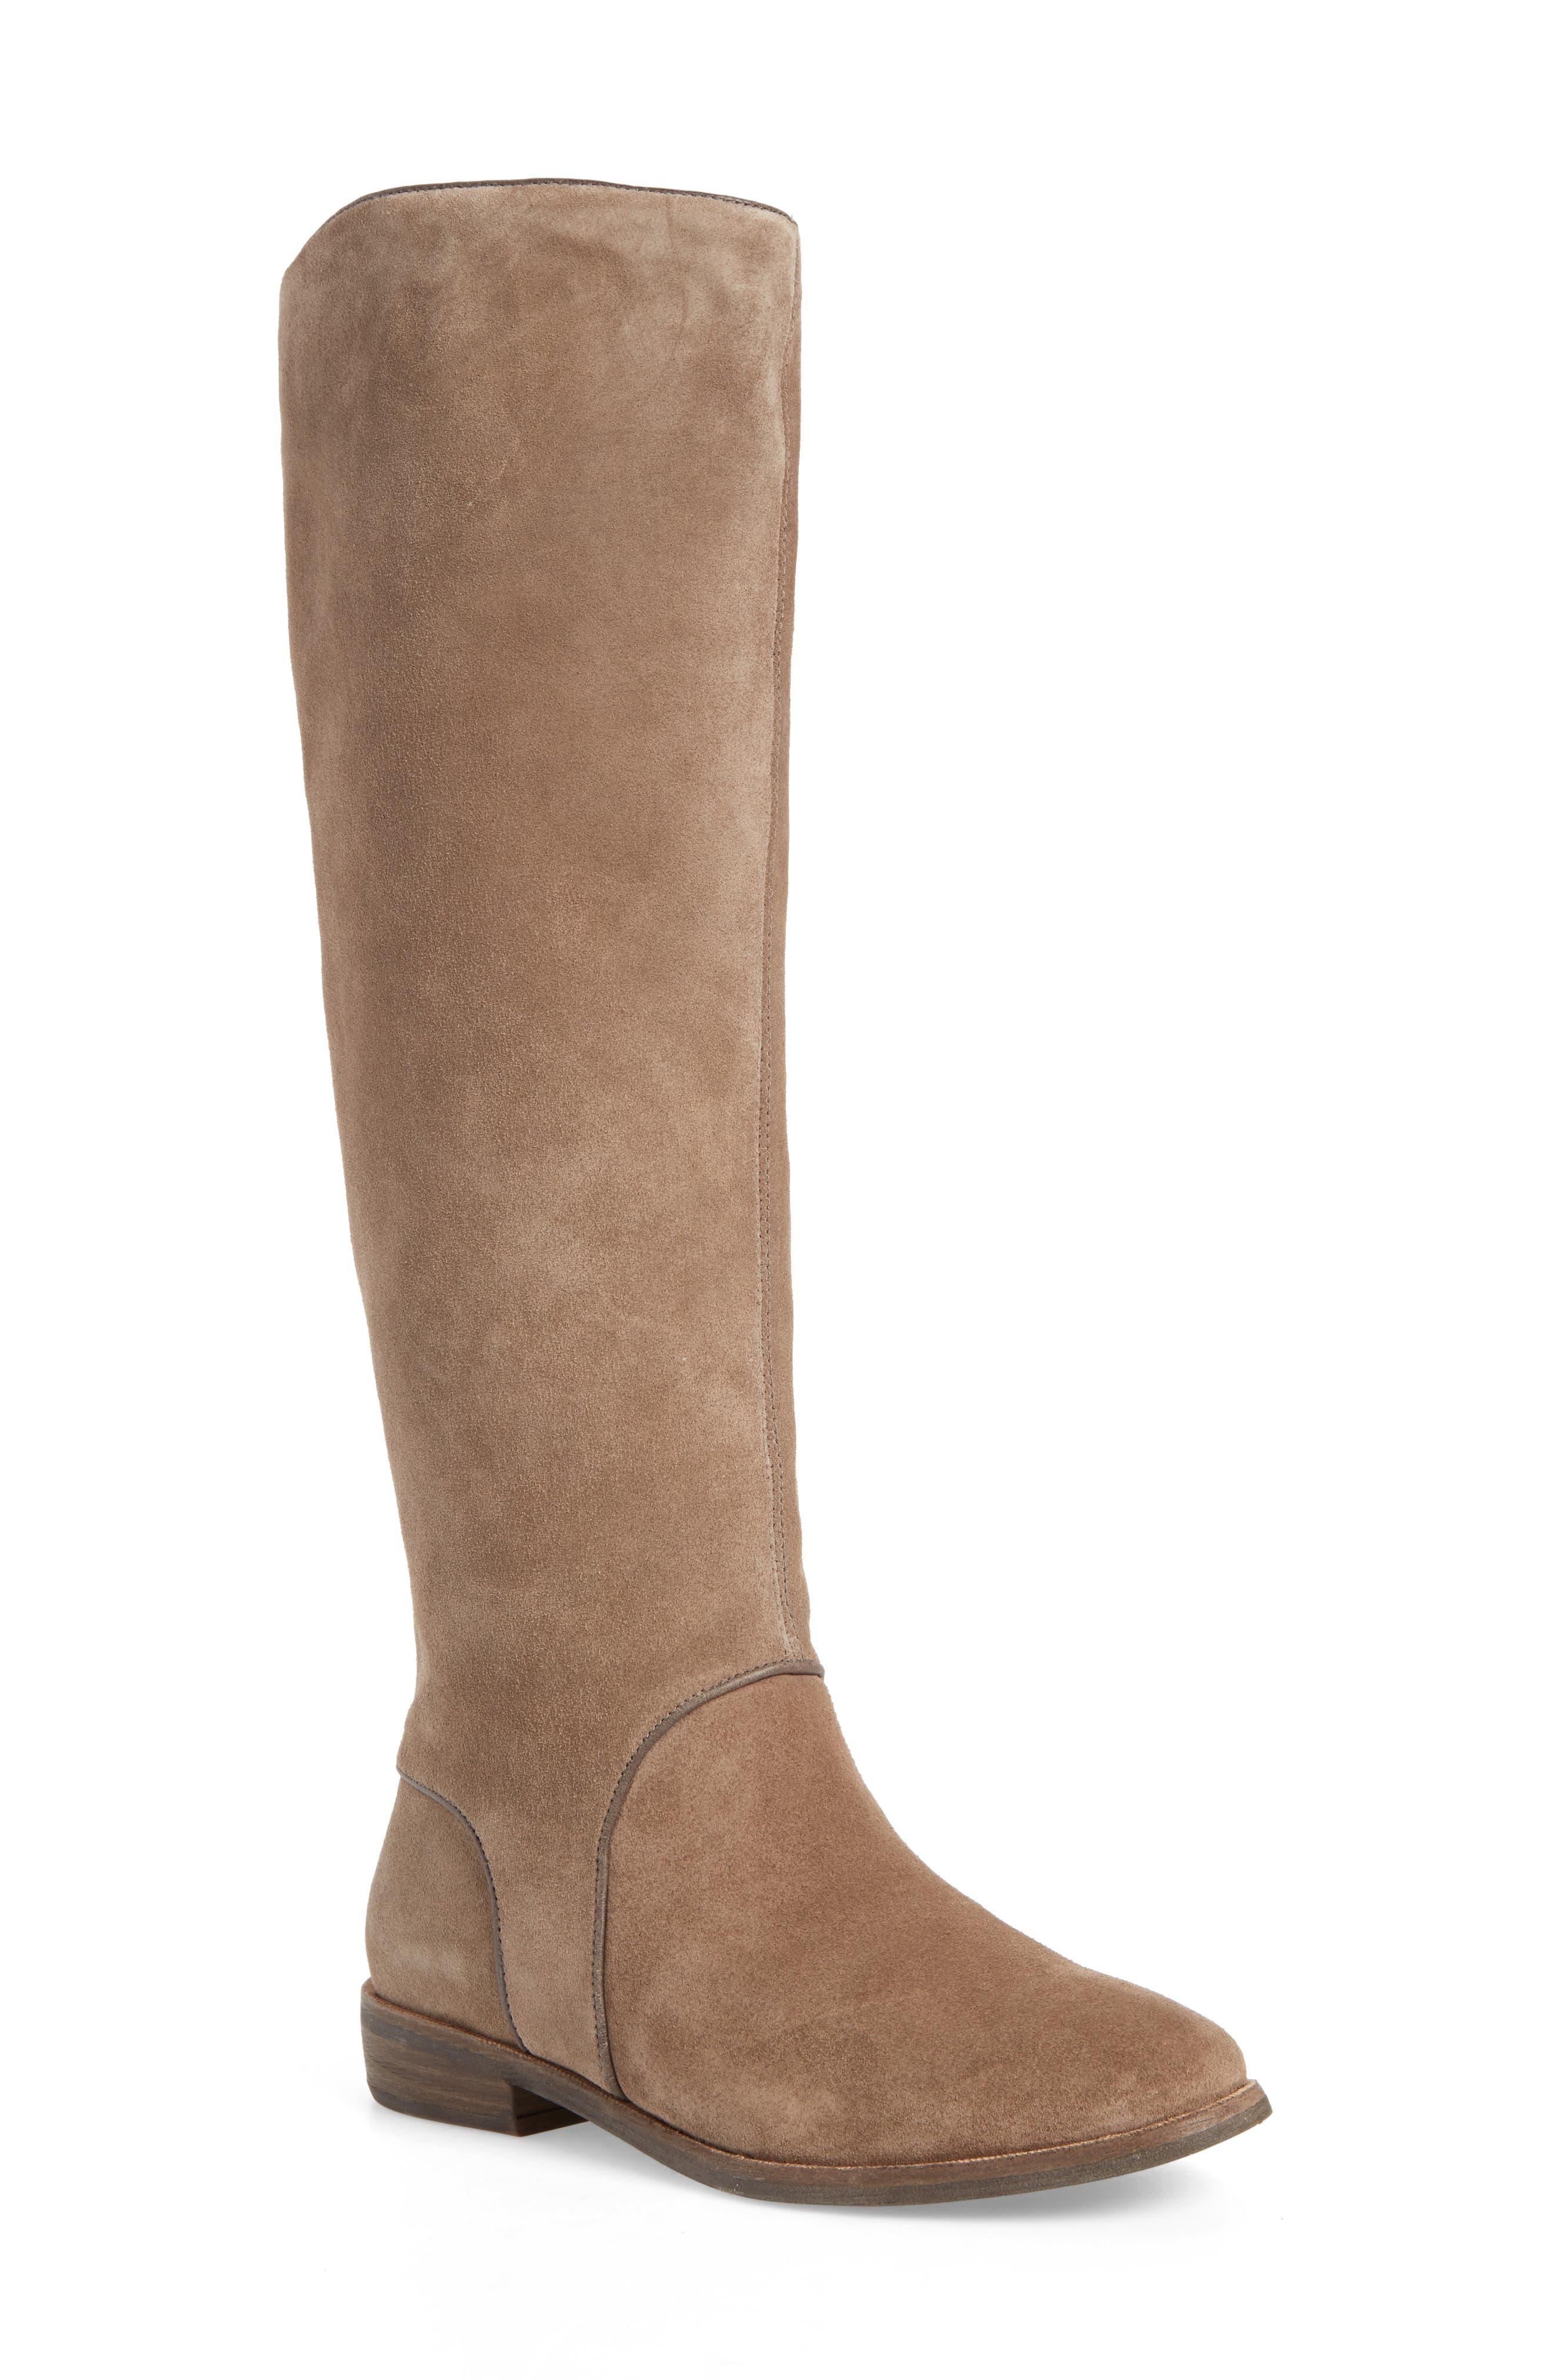 Alternate Image 1 Selected - UGG® Gracen Knee High Boot (Women)